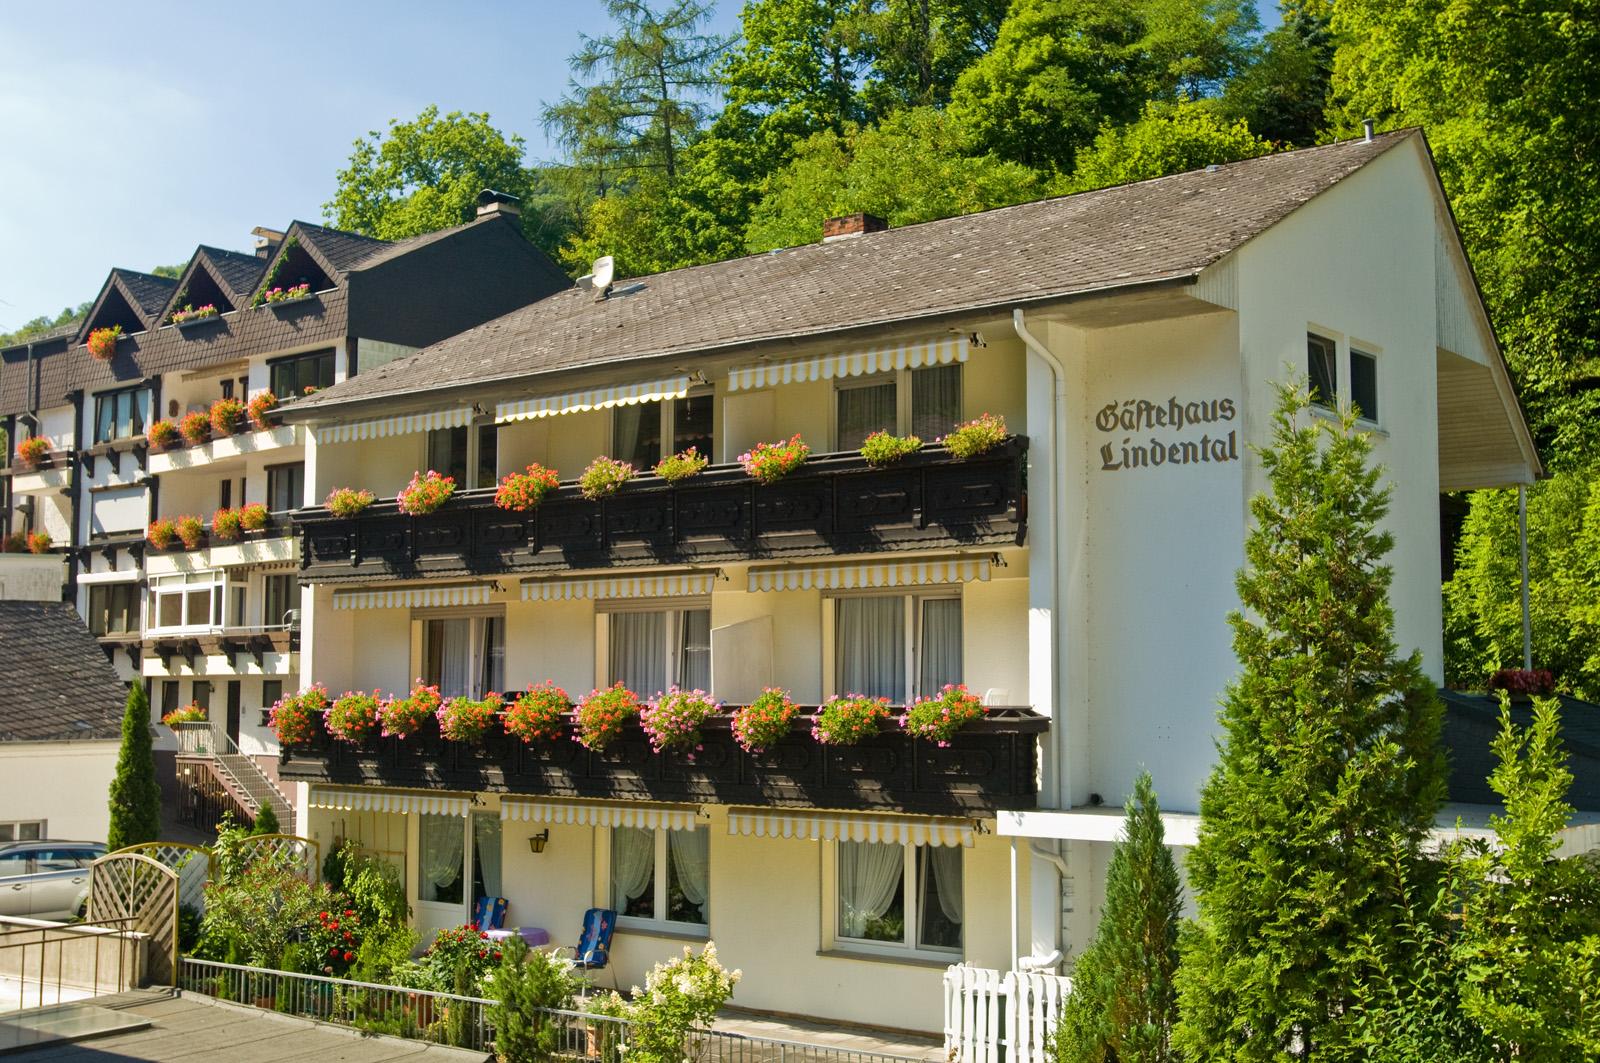 Bikerhotel germany eifel lindental rooms your for Hotels in eifel germany